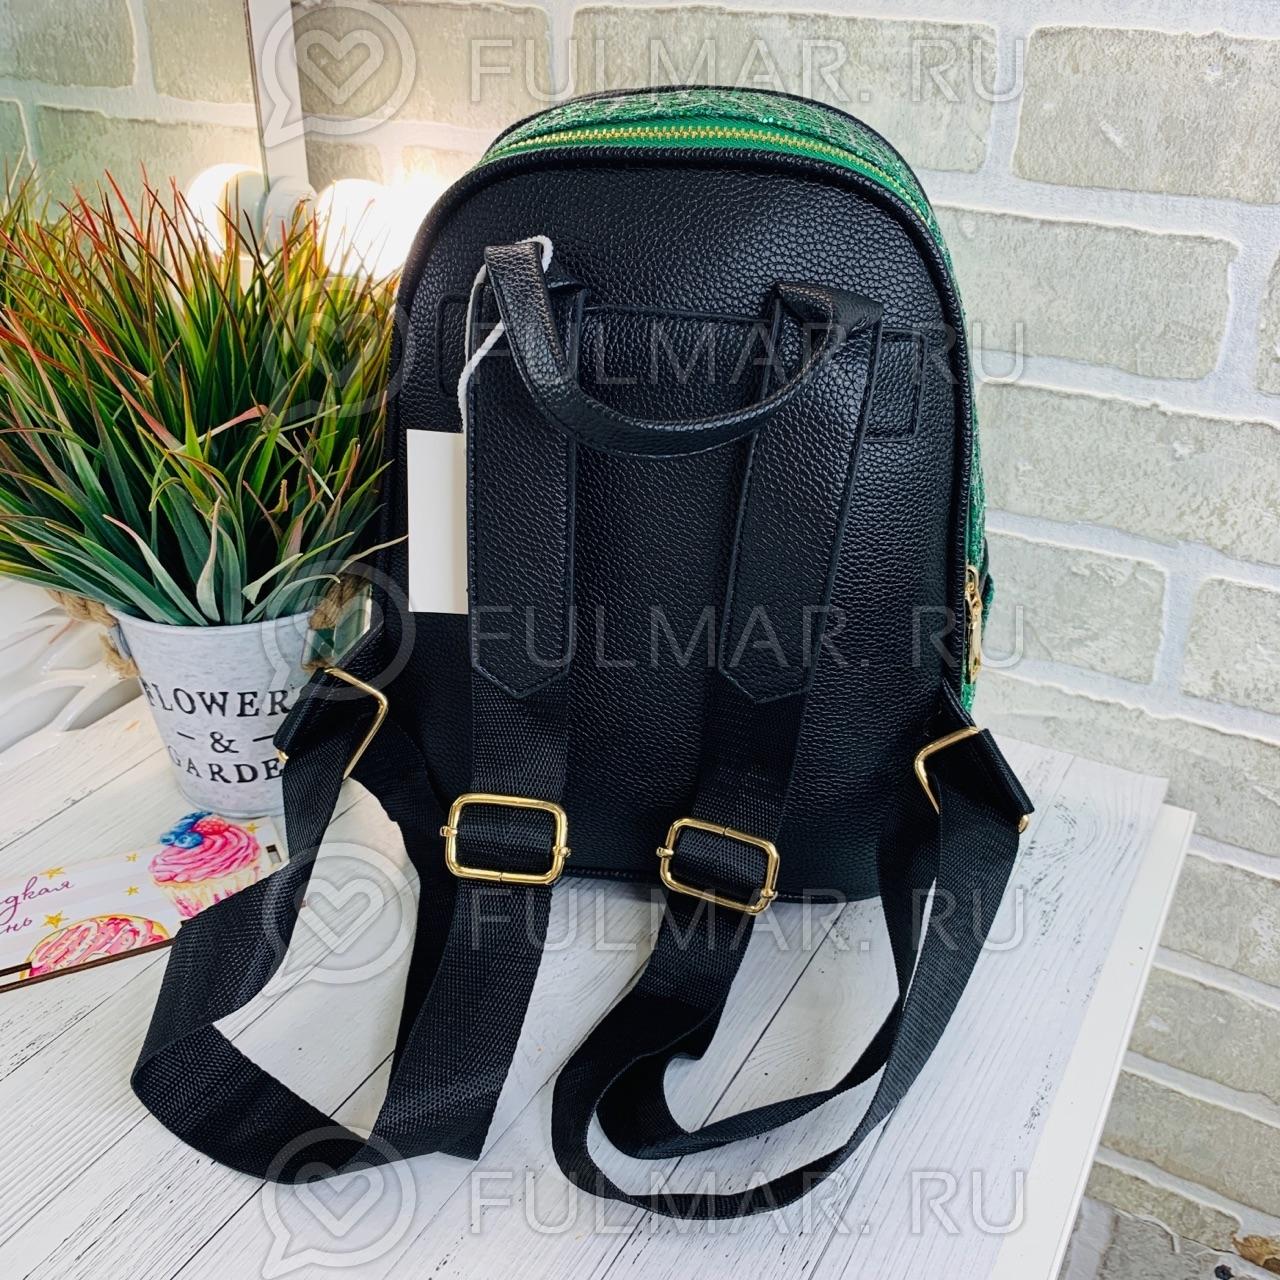 Картинка - Рюкзак блестящий для девочки Mila (цвет: зелёный)28х20х13 см